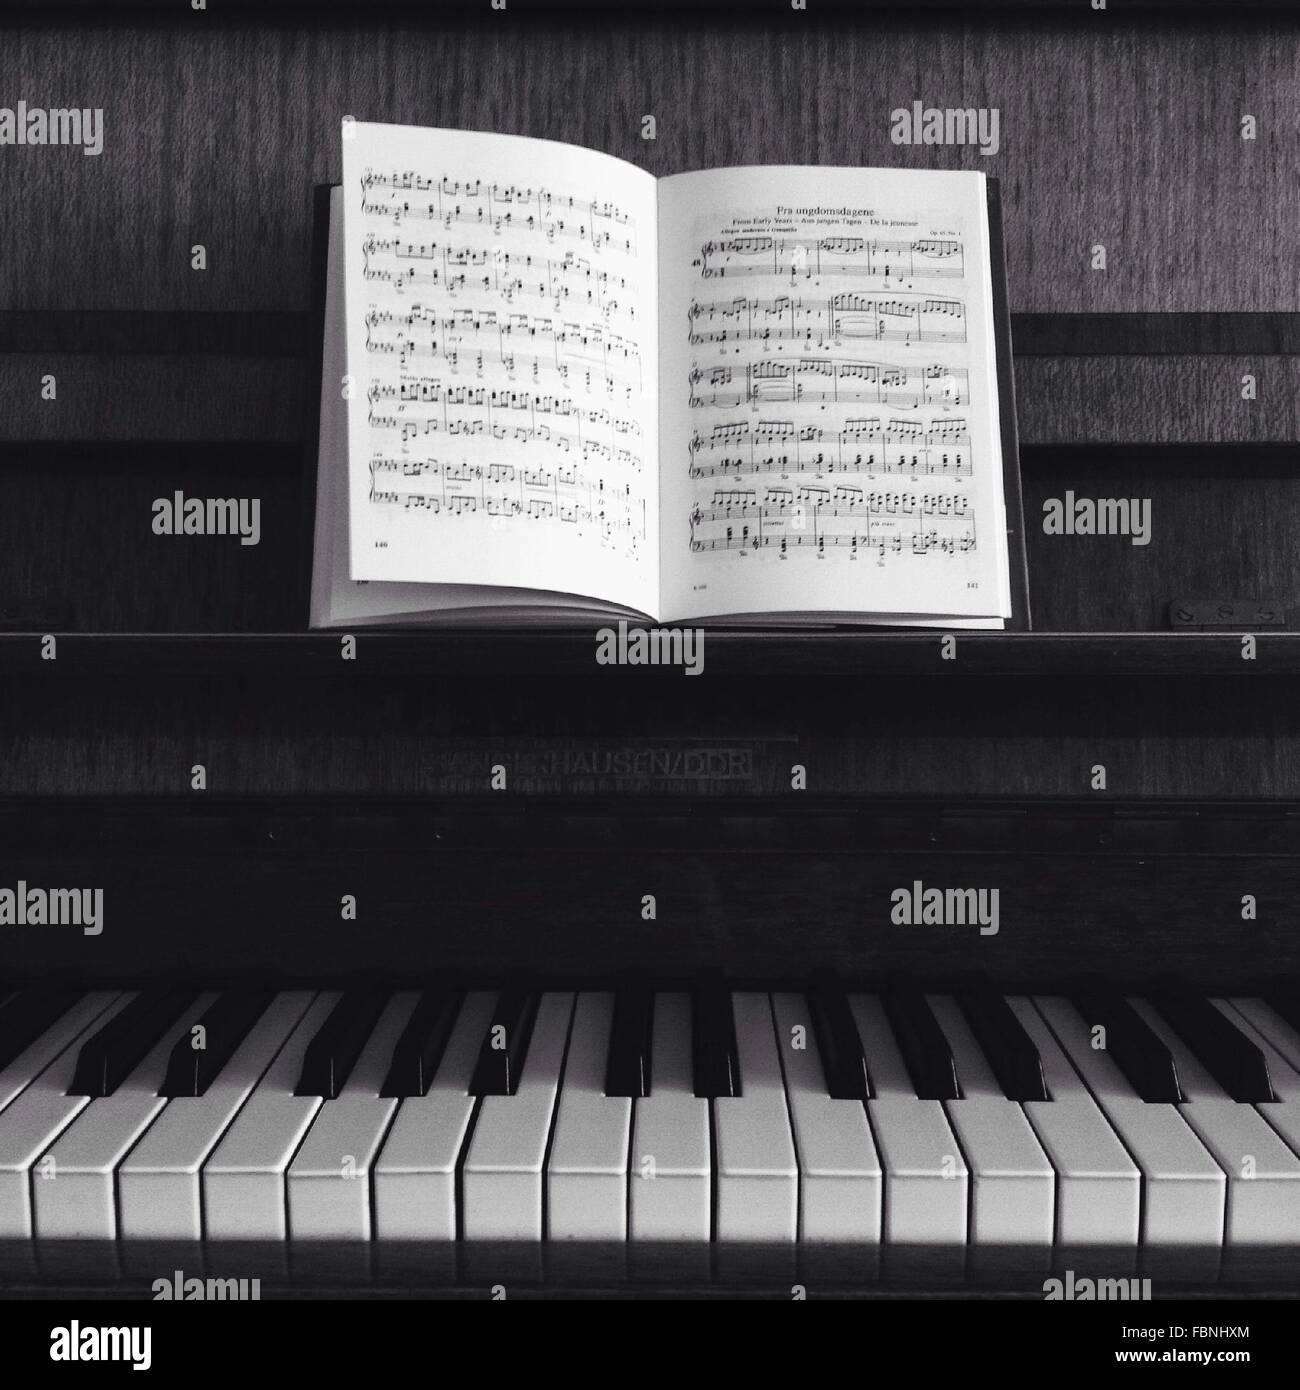 Des notes de musique conservés au piano Photo Stock